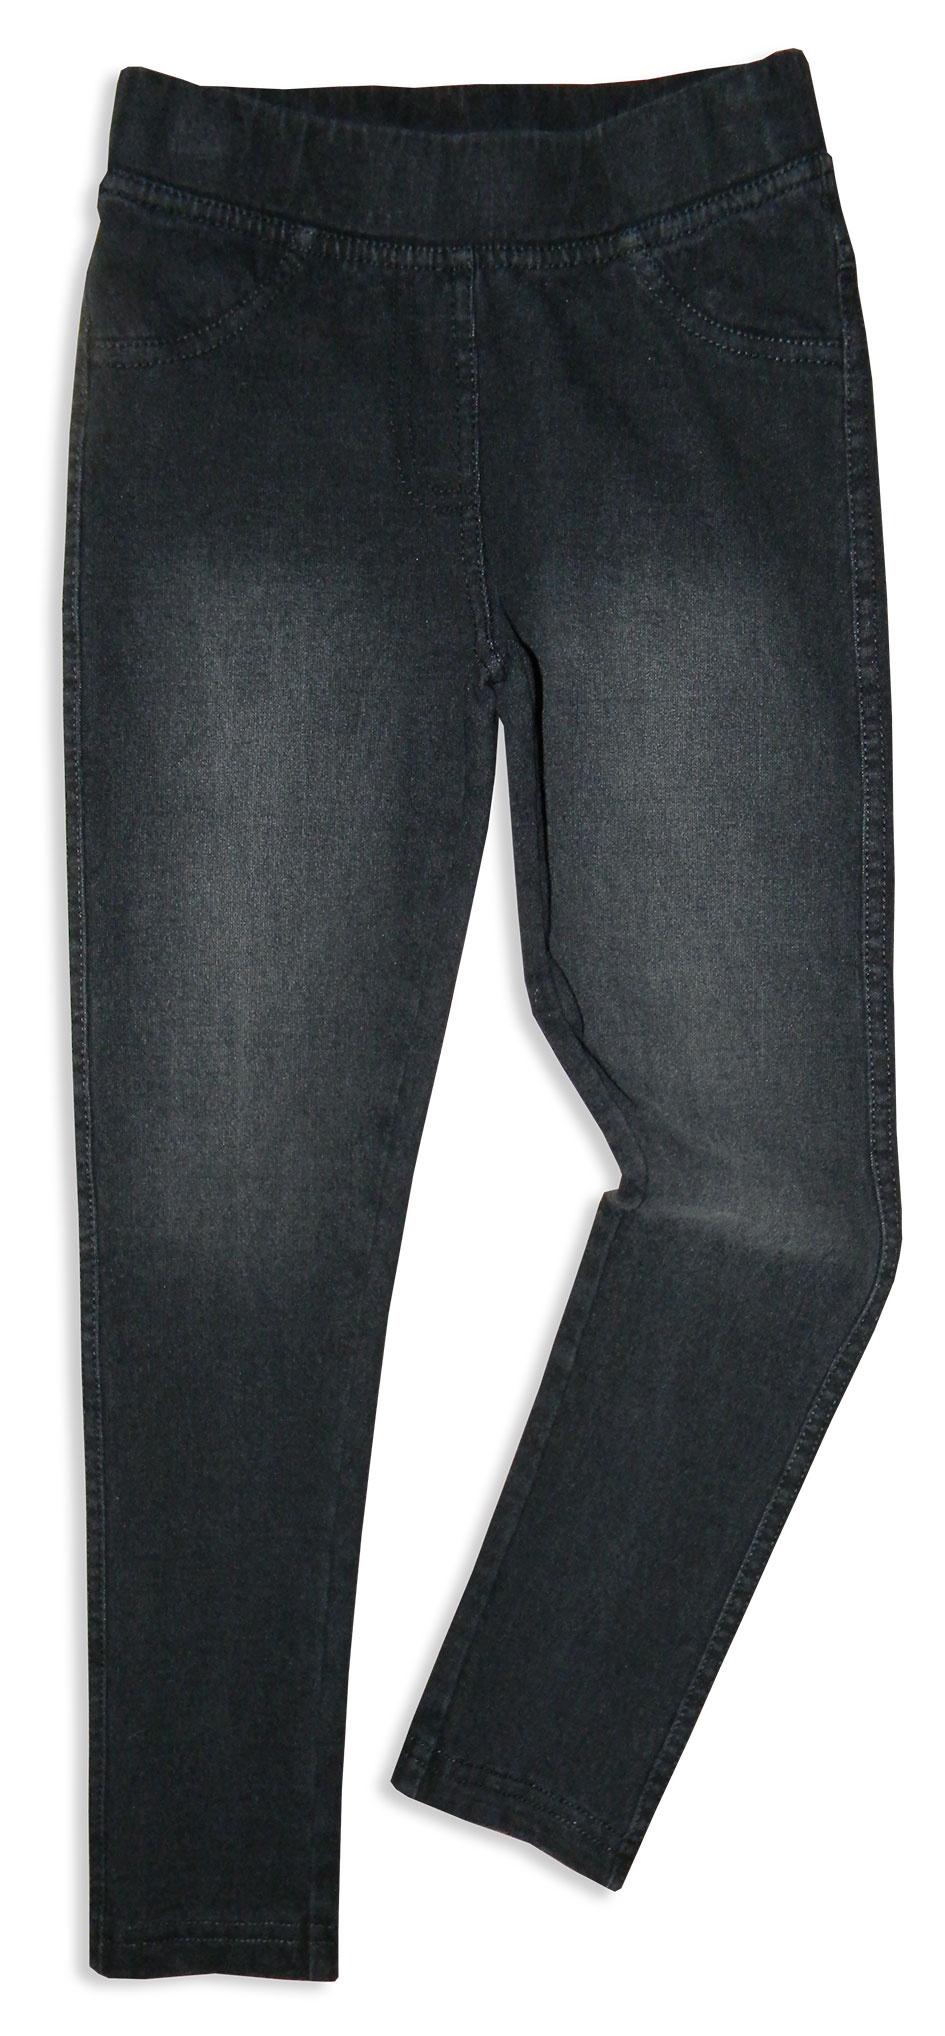 Джинсы Me&We комплект верхней одежды для девочки huppa wonder цвет темно синий темно серый 41950030 82086 размер 92